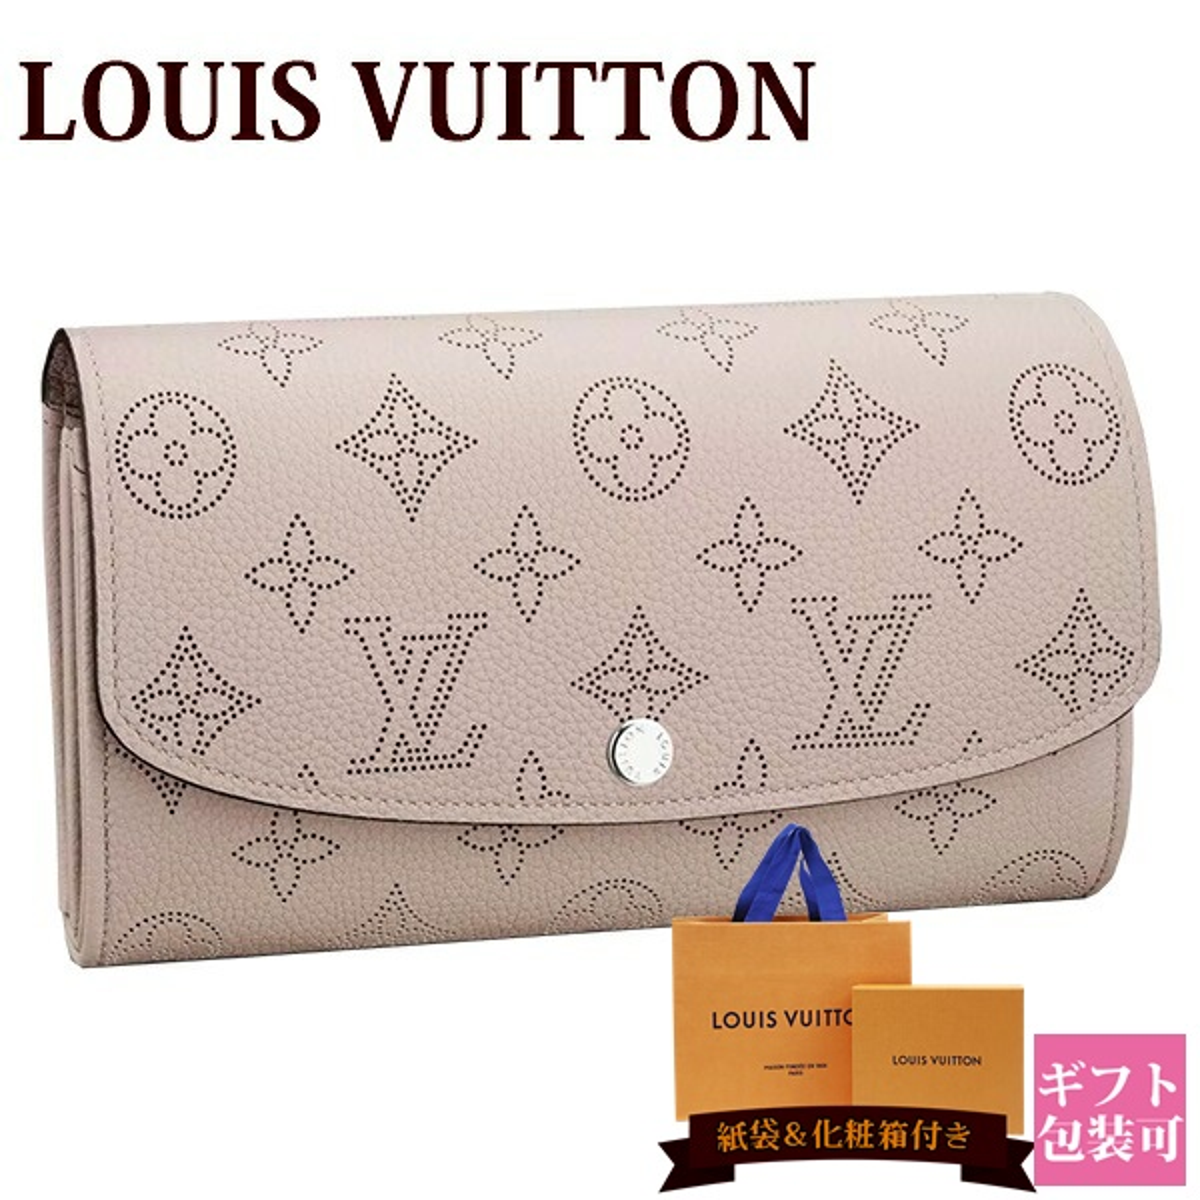 ルイヴィトン 財布 長財布 新品 レディース 二つ折り ポルトフォイユ・イリス 正規品 LOUISVUITTON M60144